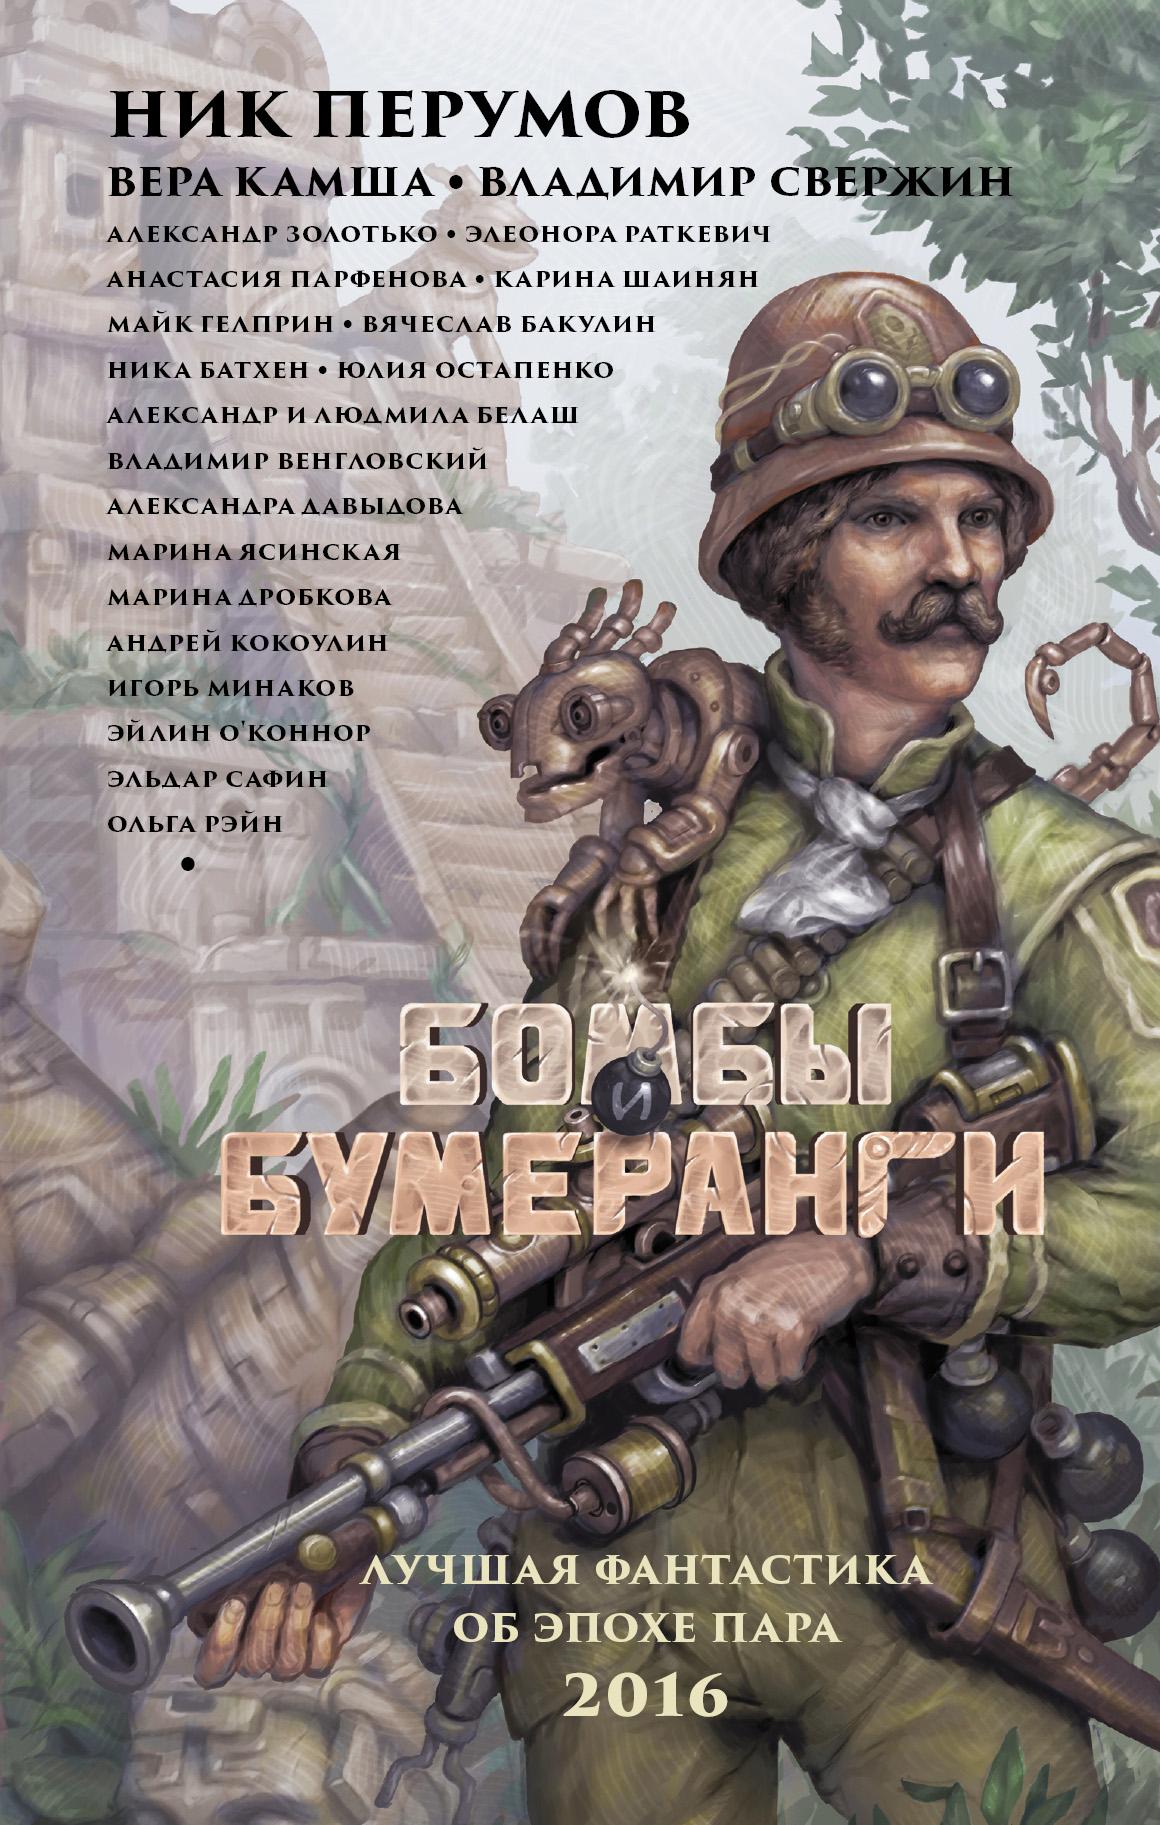 Ник Перумов Бомбы  бумеранги (сборник)